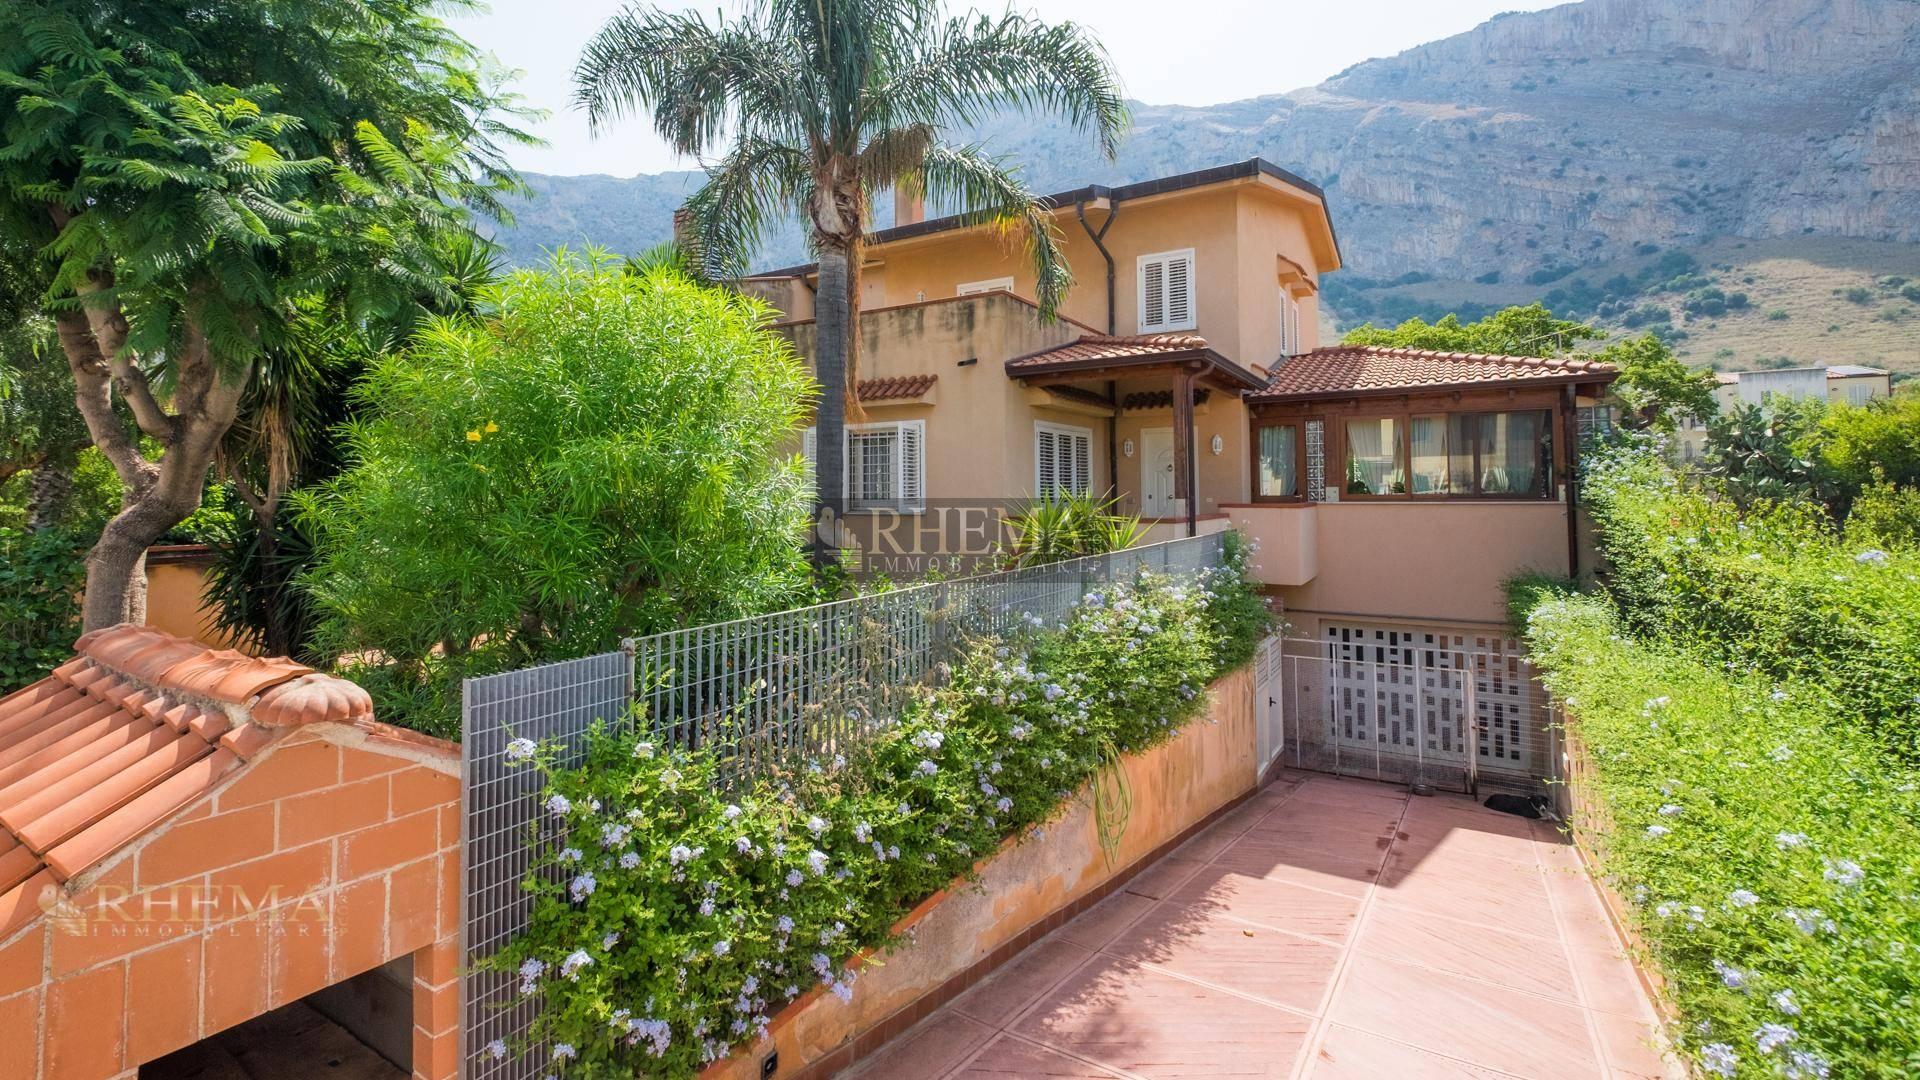 Villa in vendita a Isola delle Femmine, 5 locali, prezzo € 675.000 | Cambio Casa.it